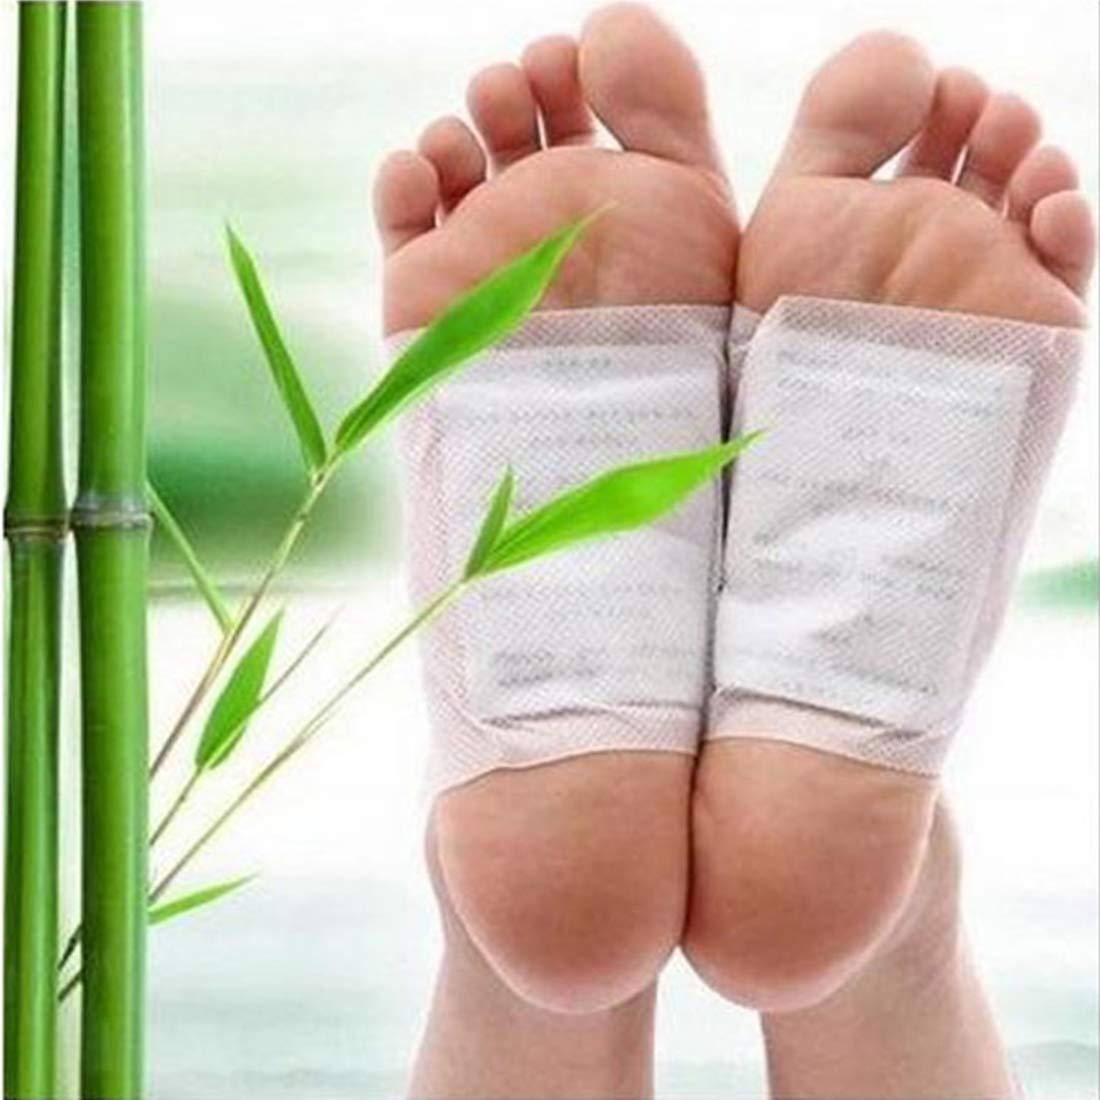 Pied de b/âton//poudre de pied patch pour pieds D/étoxifier les toxines Adh/ésif Garder les pieds//Soins de sant/é corporels Detox//Vinaigre de bambou 10pcs